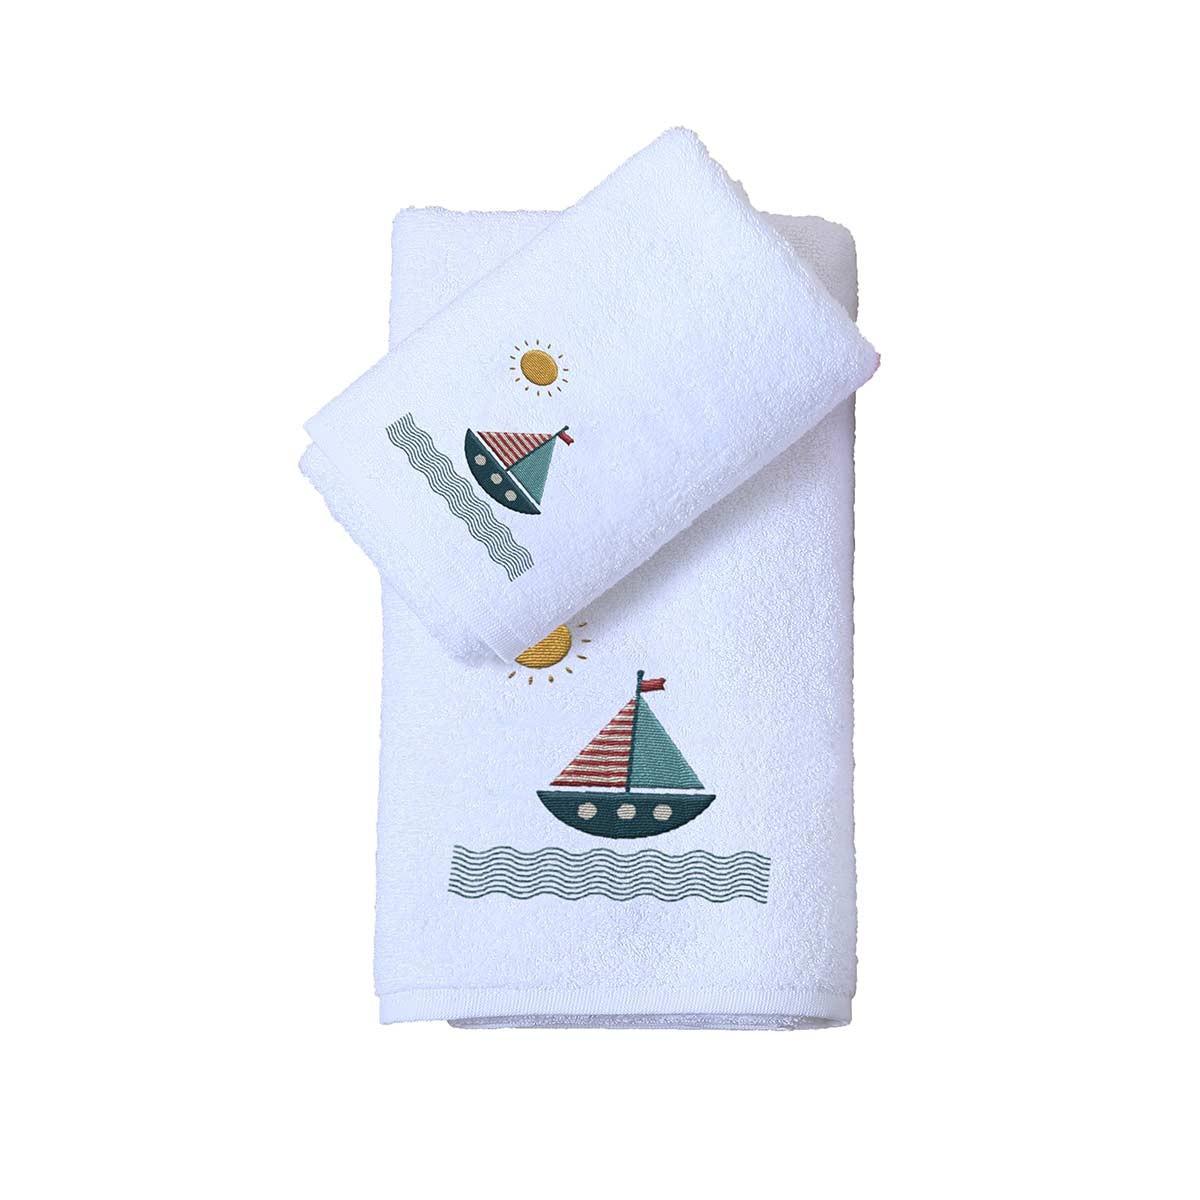 Βρεφικές Πετσέτες (Σετ 2τμχ) Viopros Βαρκούλα